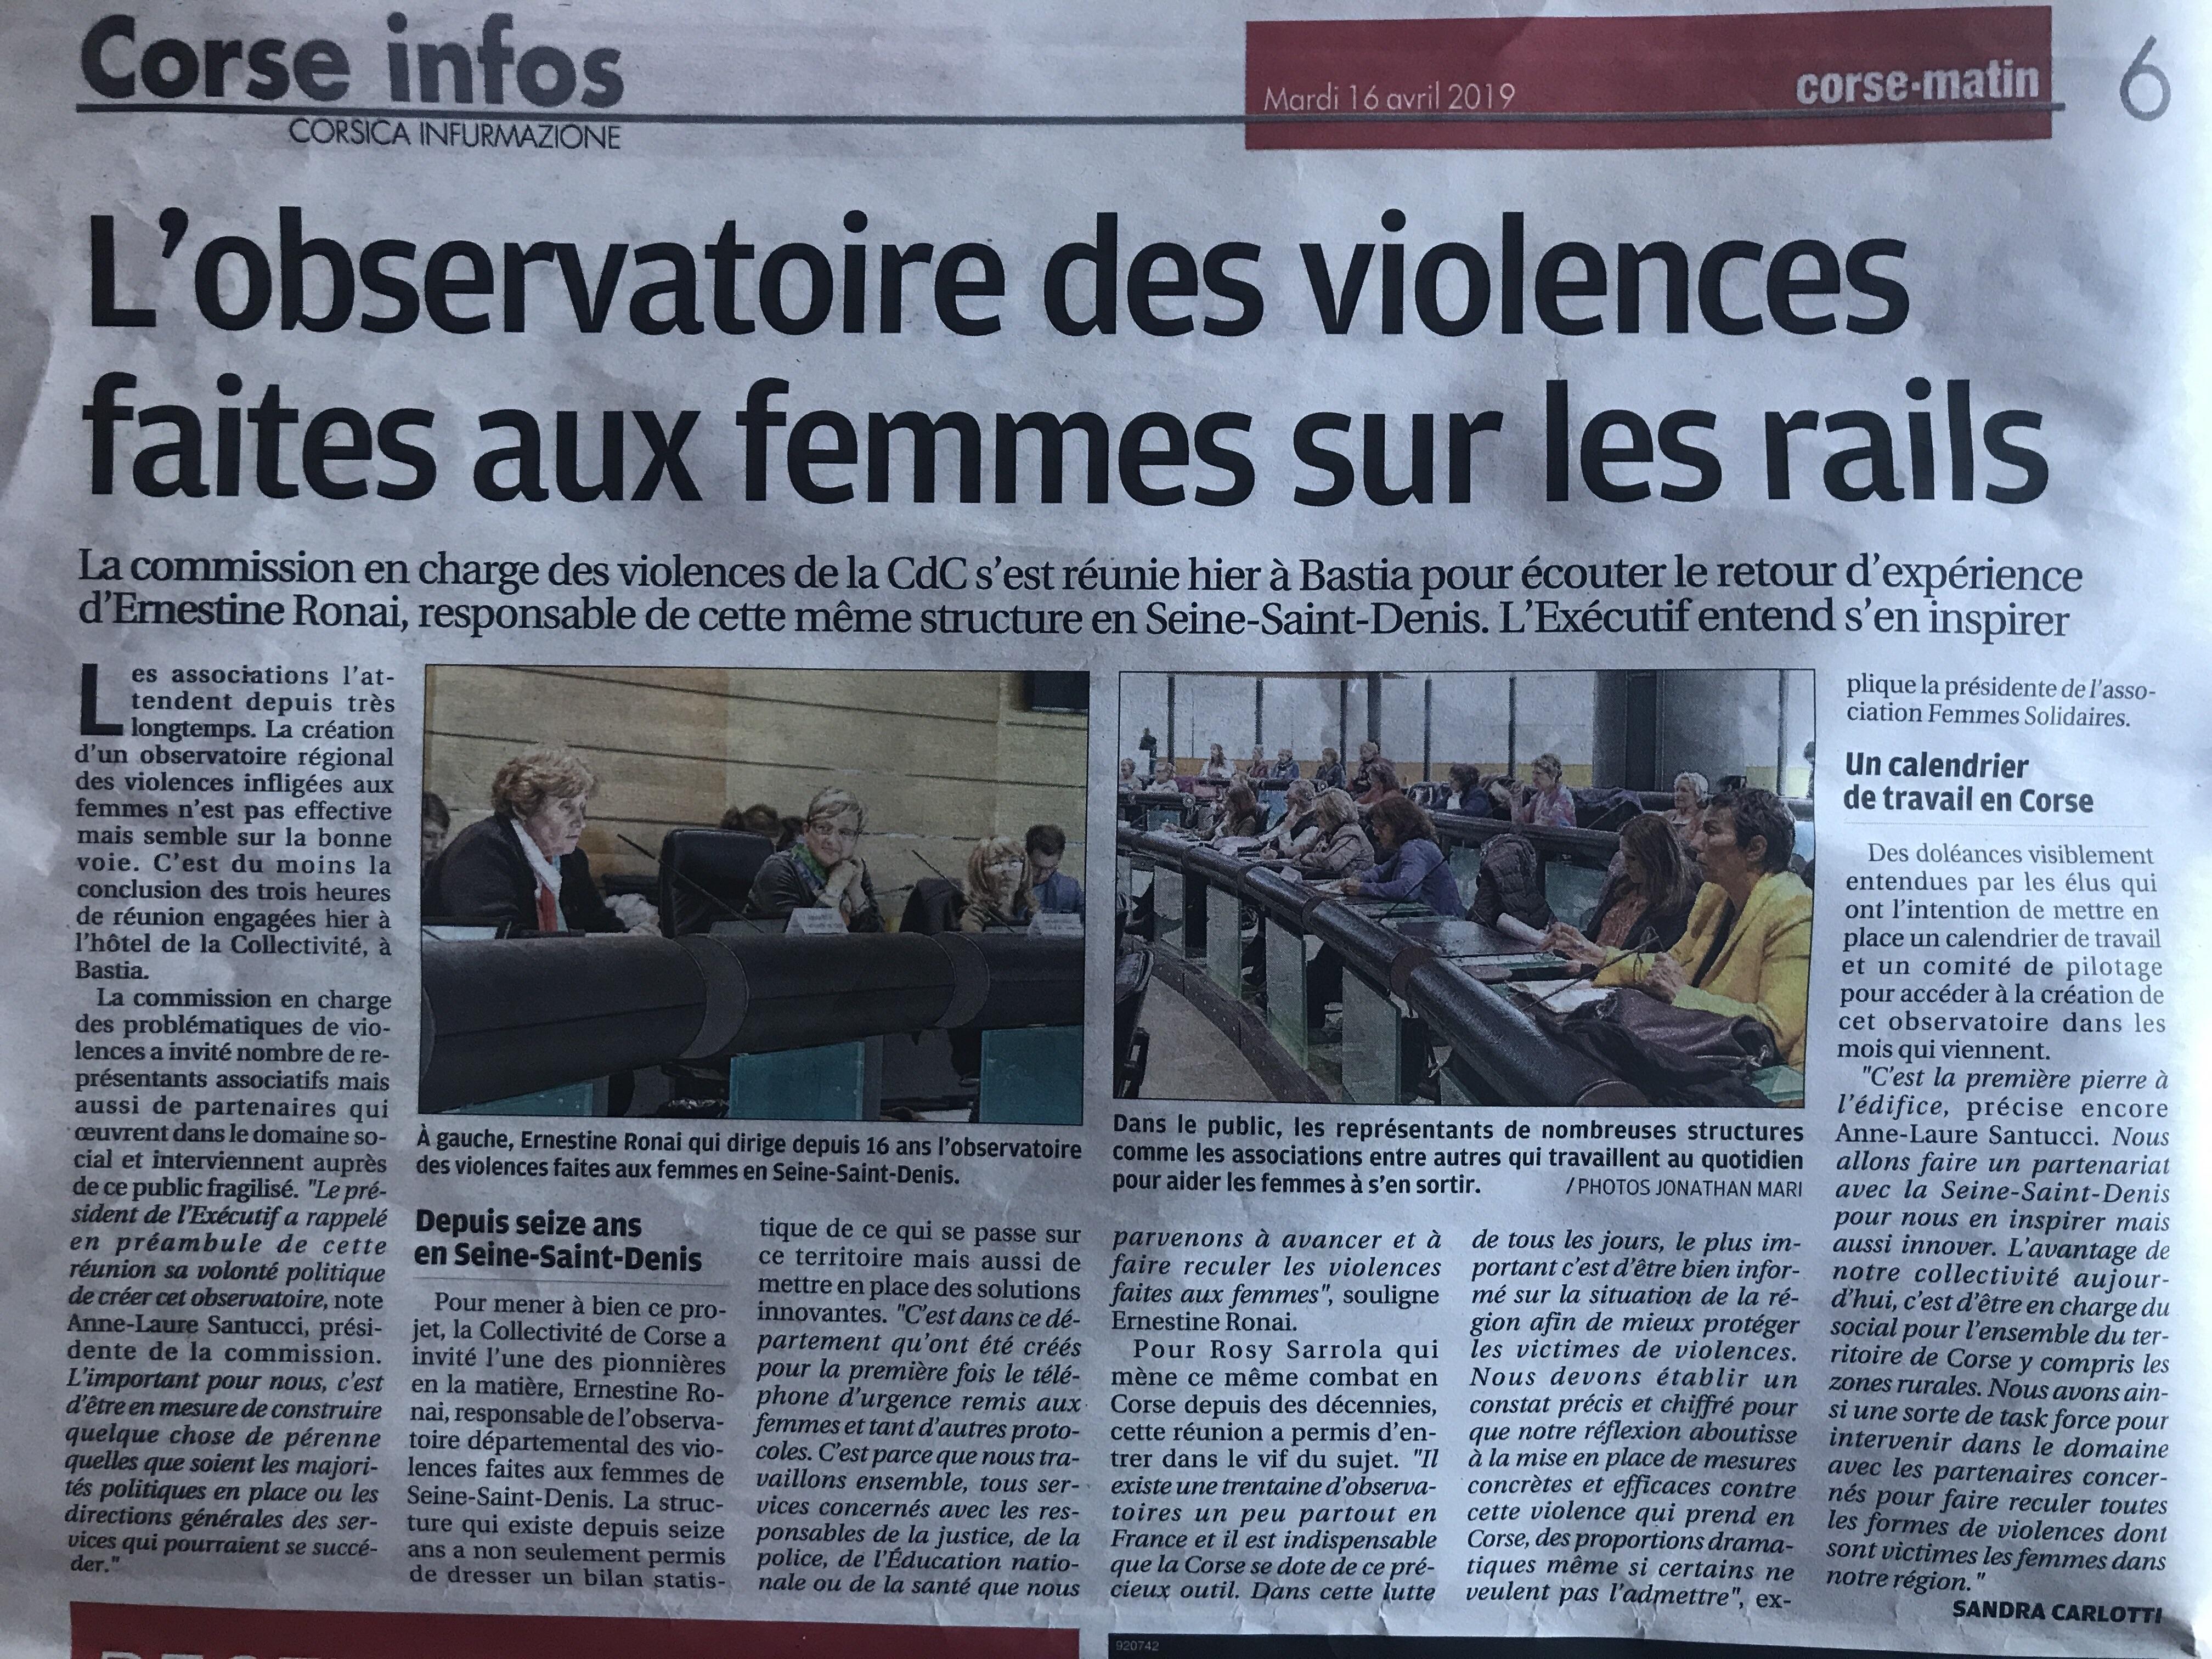 """Lire ou relire l'article """"L'observatoire des violences faites aux femmes sur les rails"""""""